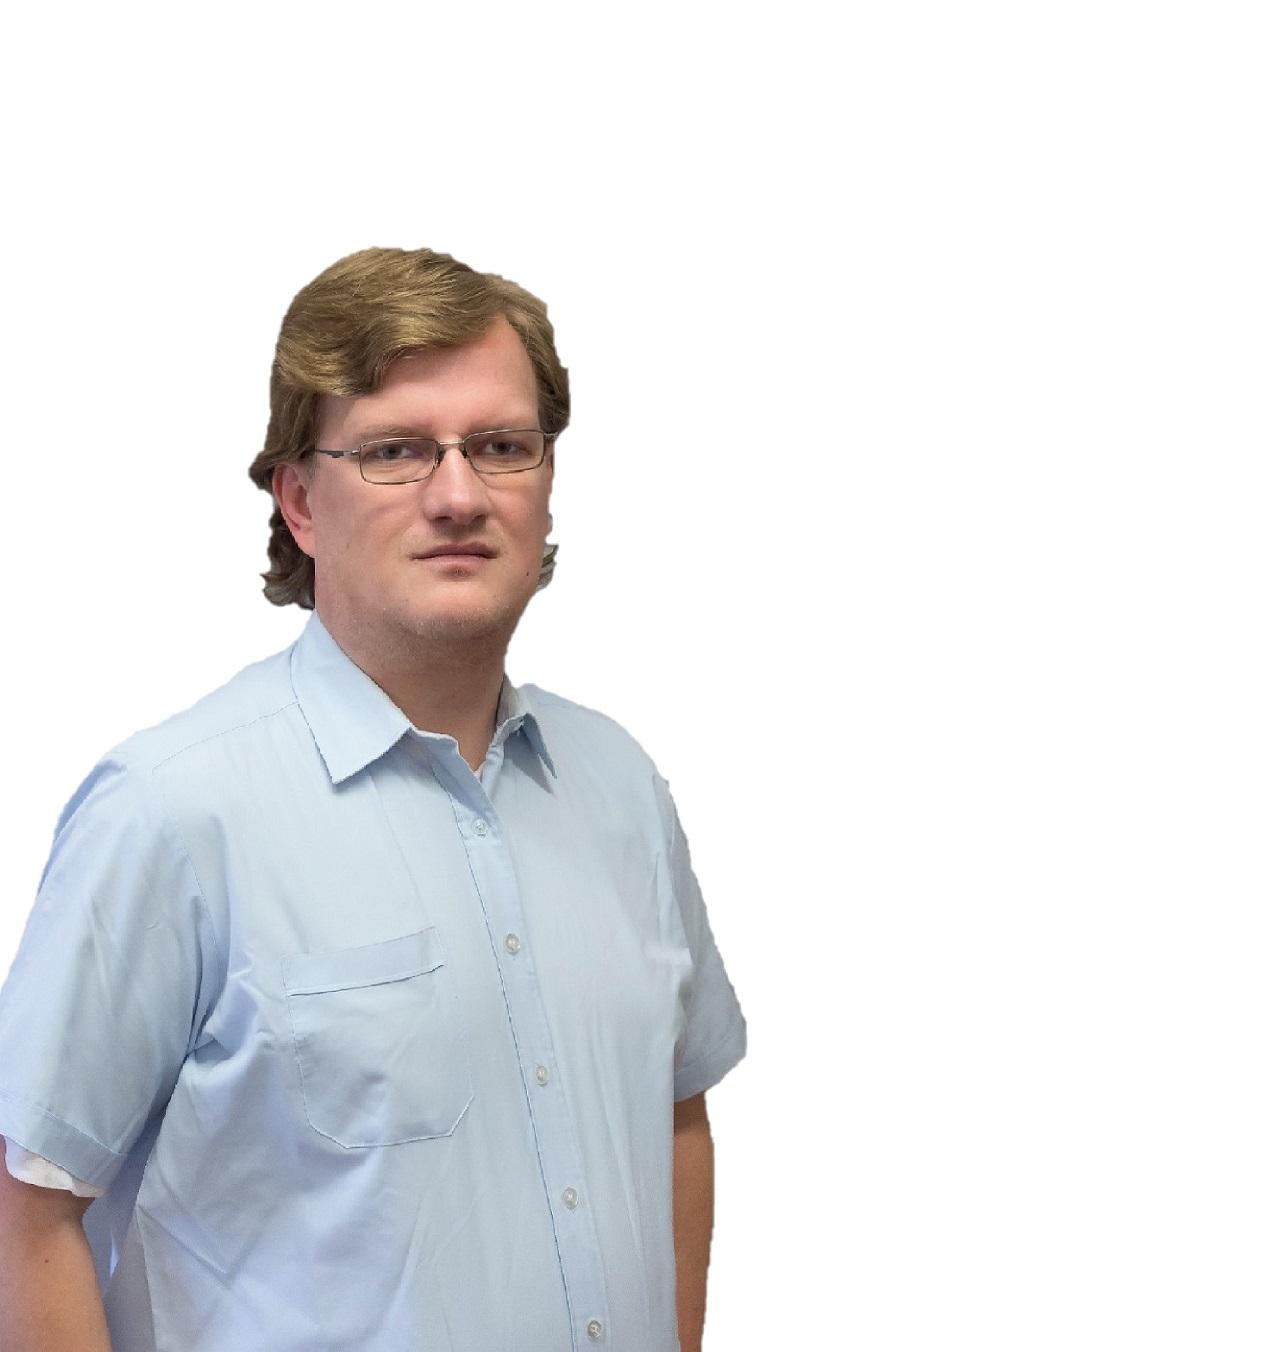 Dirk Schirdewan